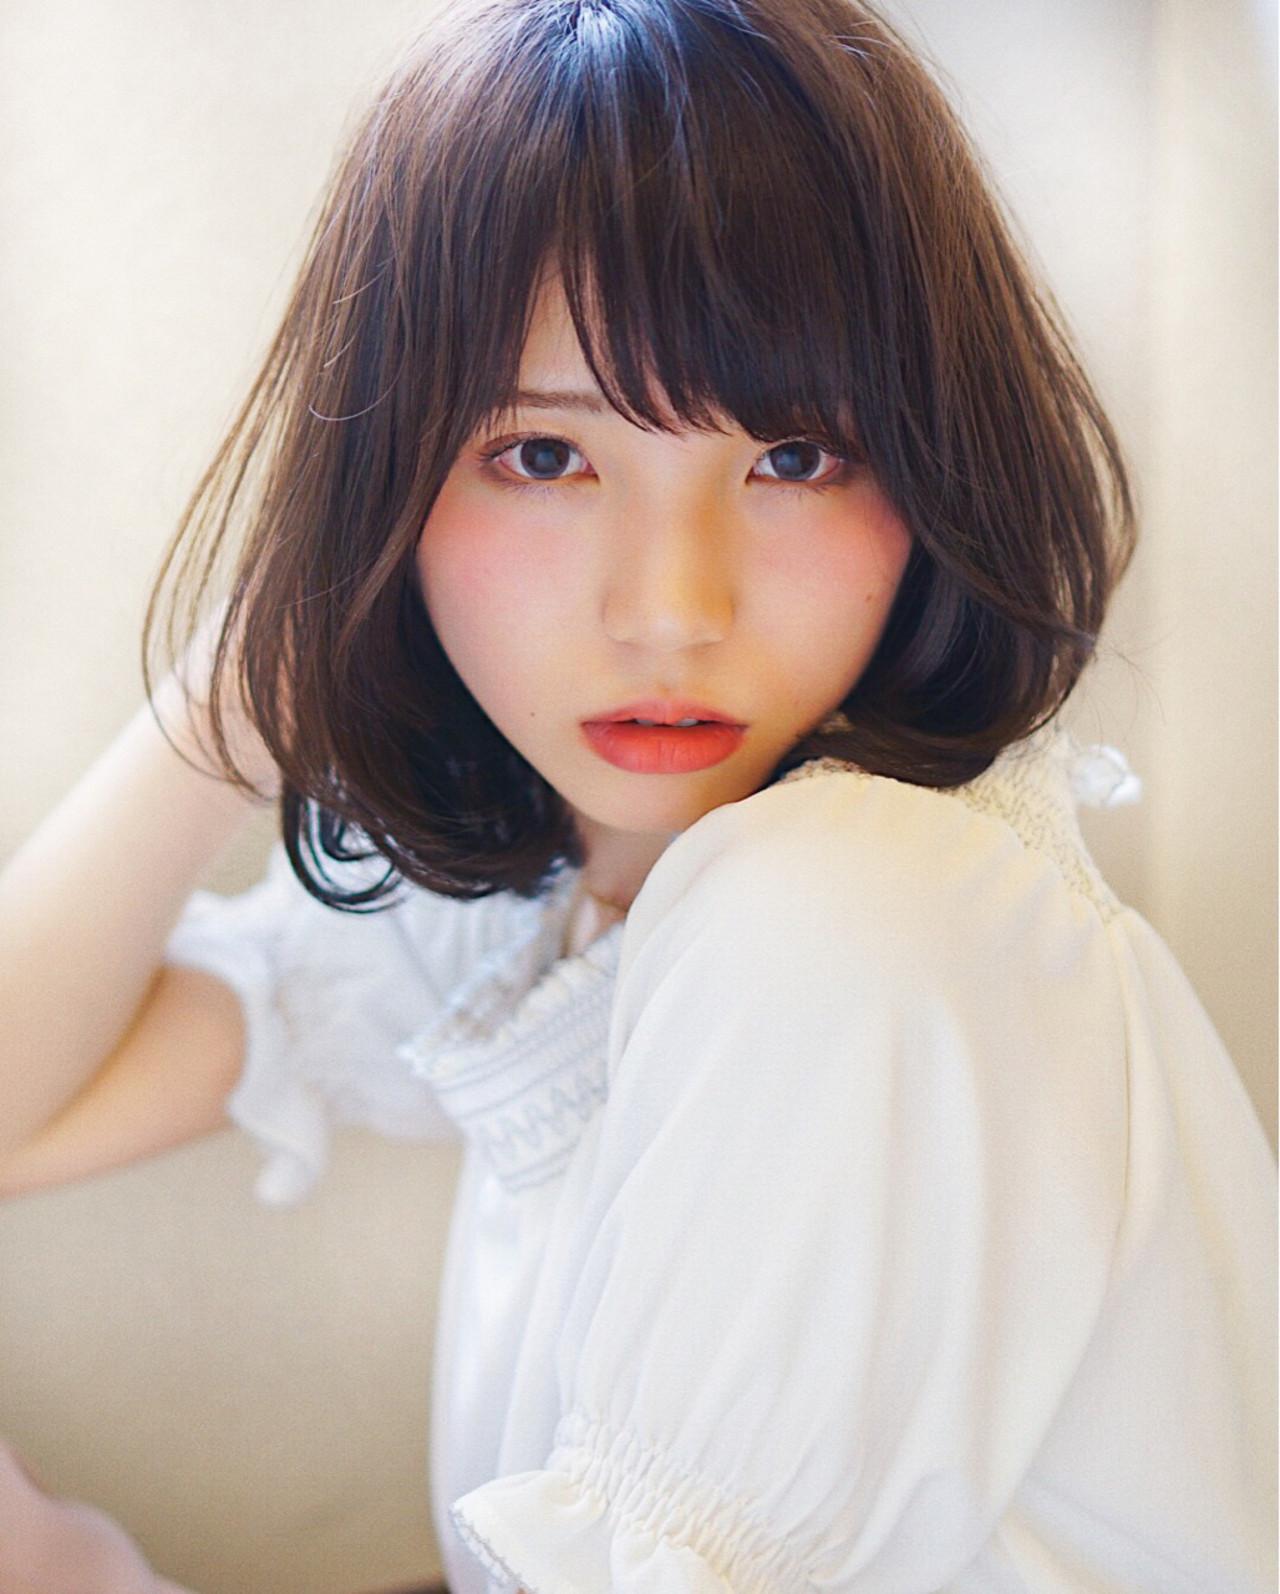 上品な色っぽ可愛さに誰もが夢中!大人女子にはAラインパーマがすてき♡ 紫牟田 慎